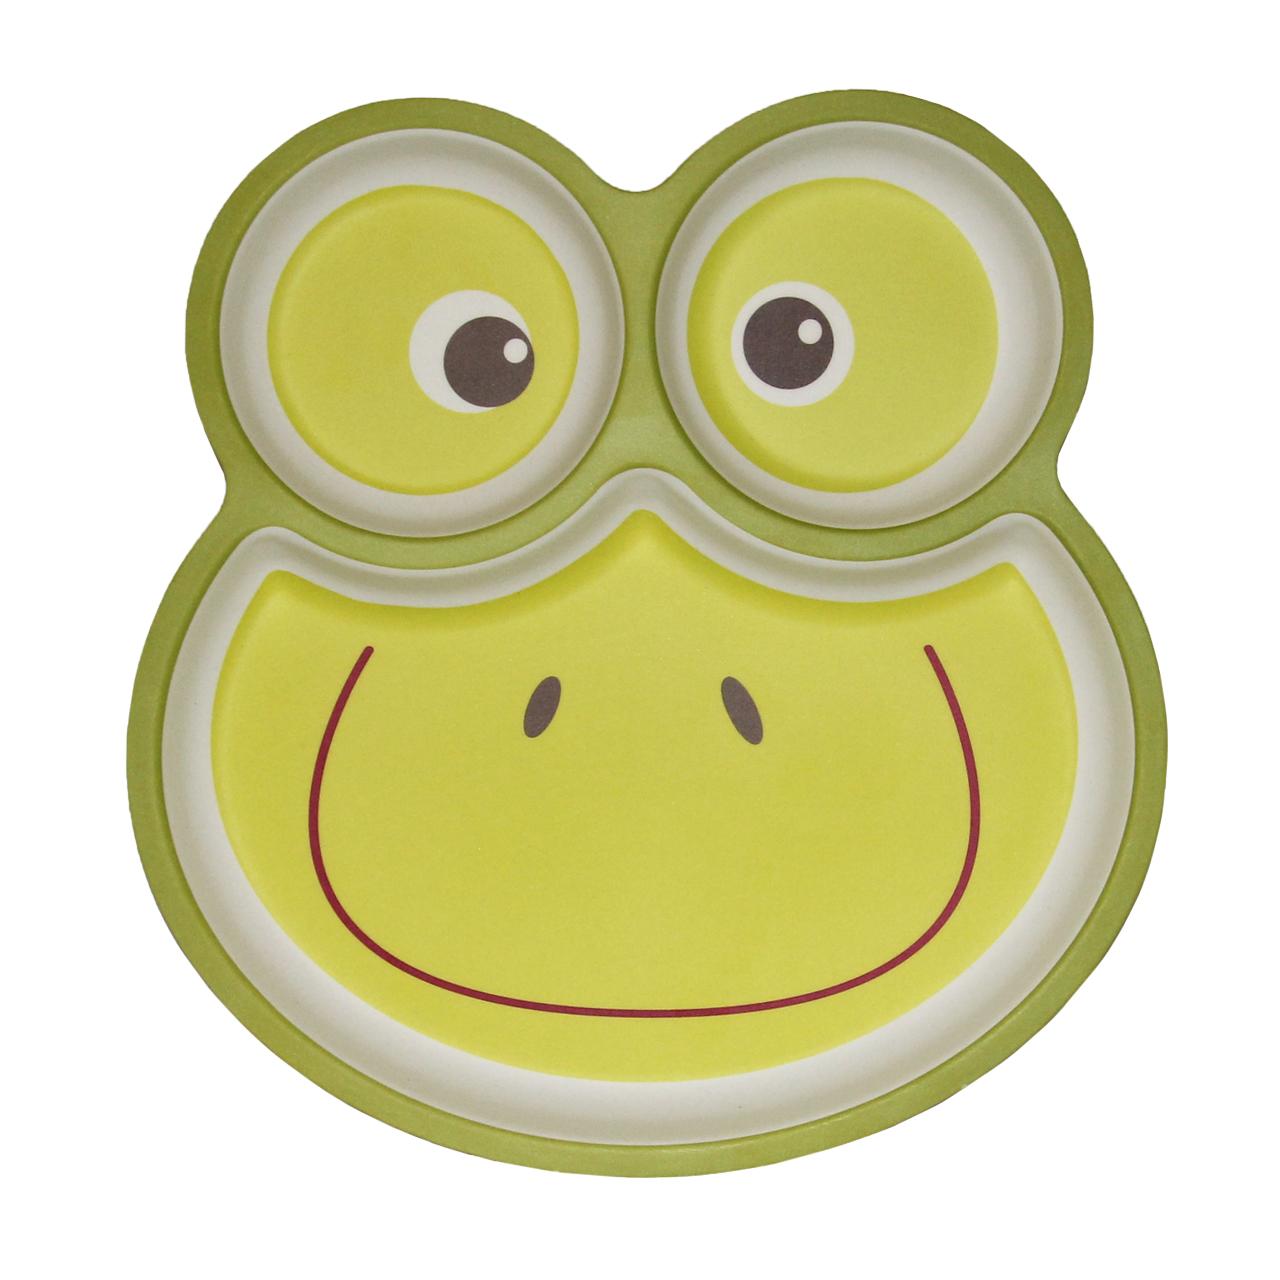 ظرف غذای کودک بامبو فایبر طرح Happy frog